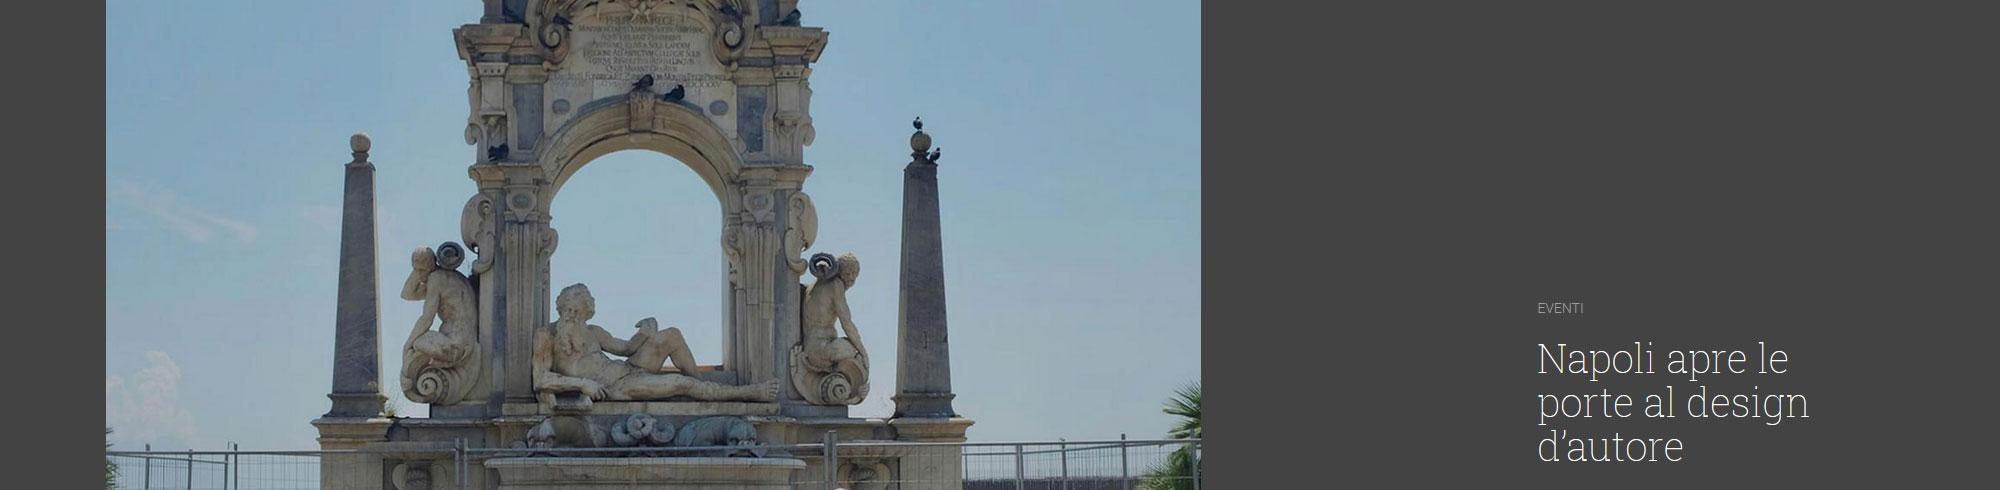 Napoli-apre-le-porte-al-design-dautore